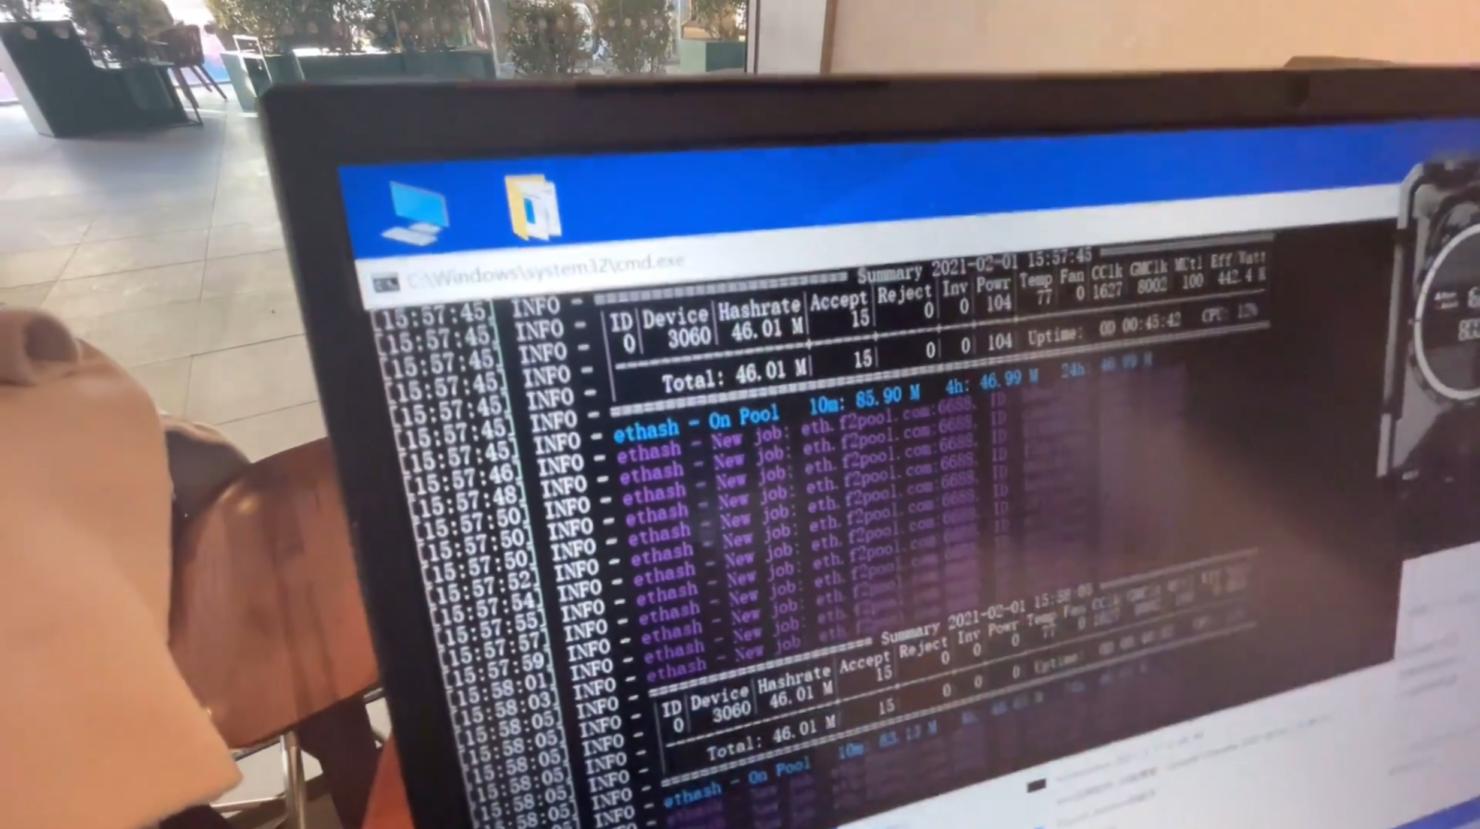 nvidia-geforce-rtx-30-gpus-_-cryptomining-cryptocurrency-gpu-mining-farm-etheruem-_7